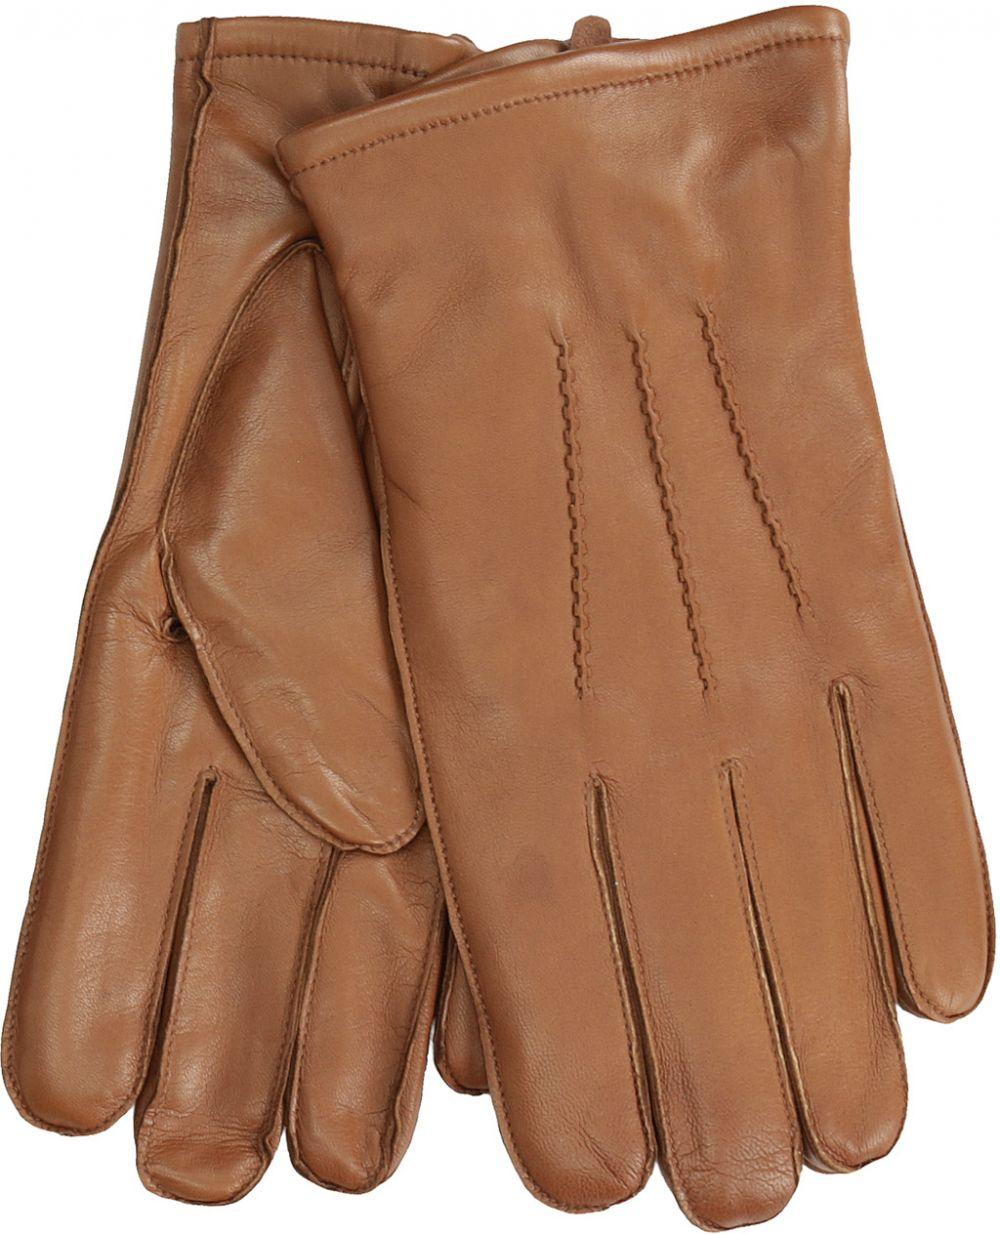 5a135003c Dámske svetlohnedé kožené rukavice značky Baťa - Lovely.sk